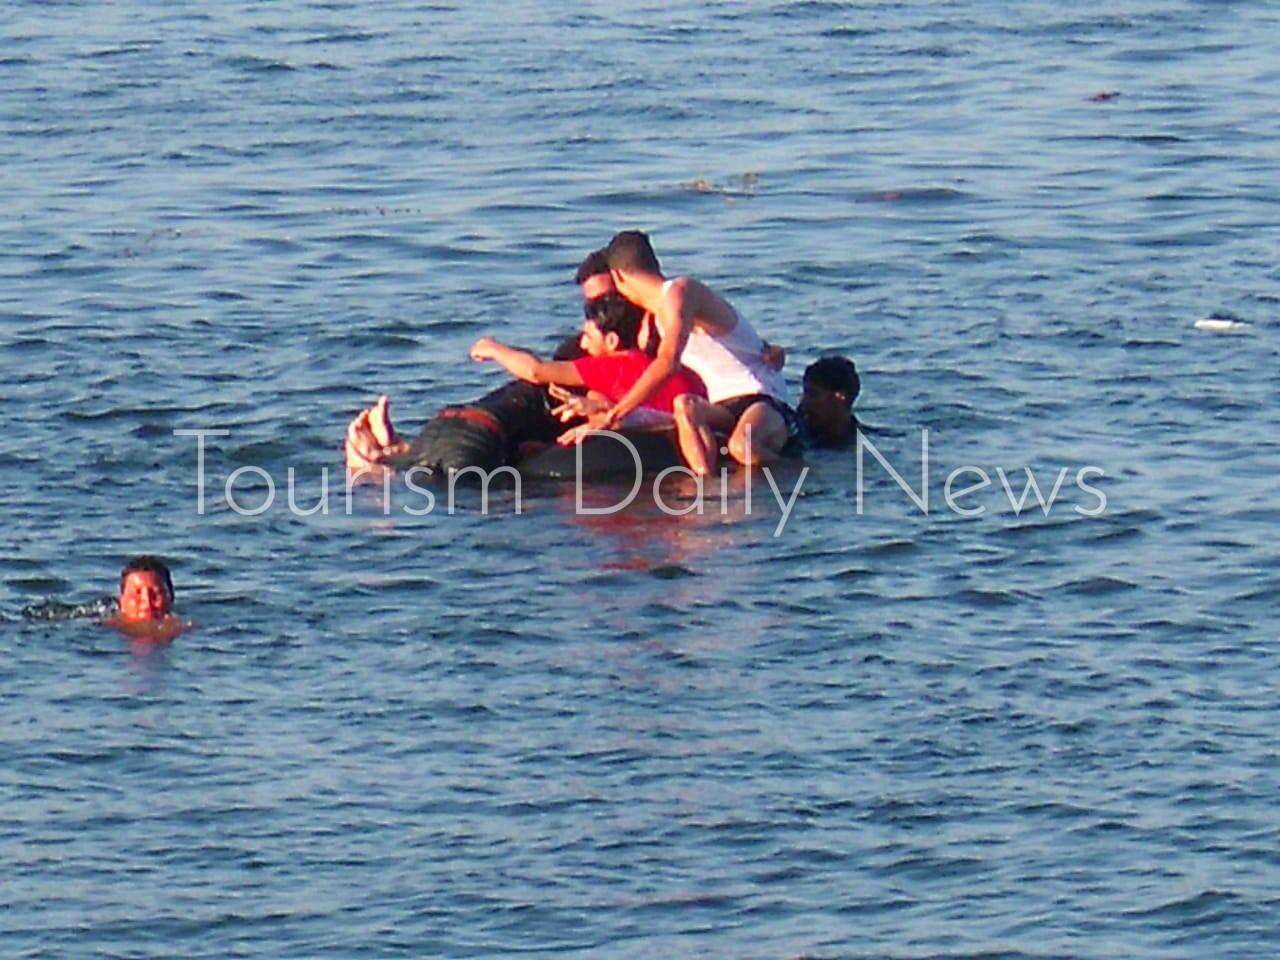 الإحتفال بالعيد في نهر النيل رغم التحذيرات